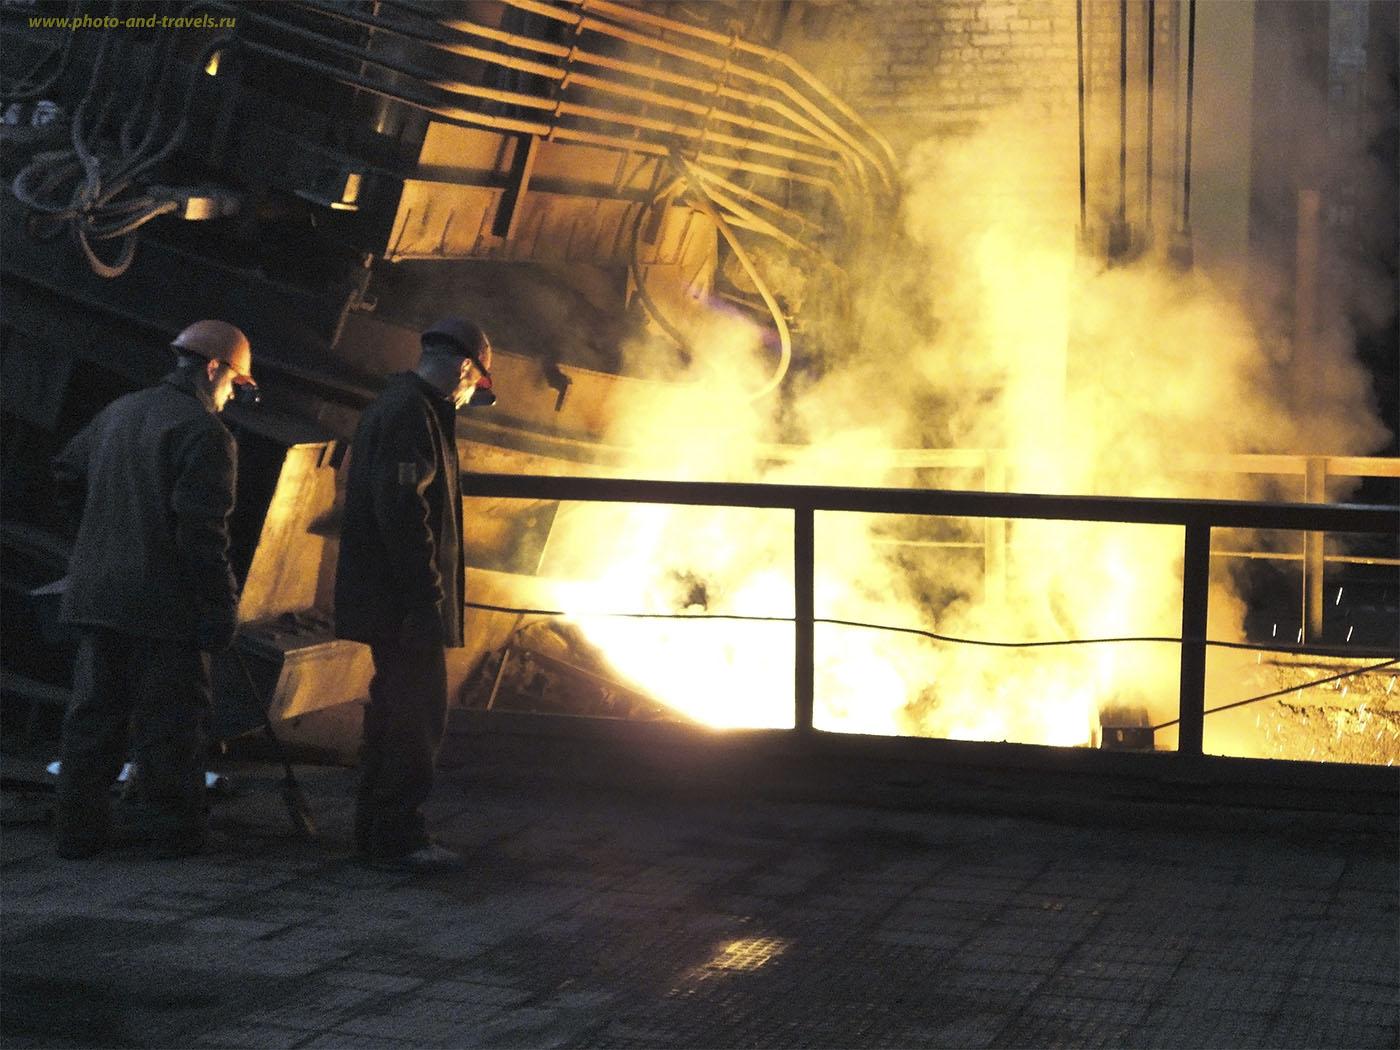 Снимок №13. Расплавленный металл. Фото снято мною в 2010 году на мыльницу Sony DSC-W350 в Узбекистане в Навоийском горно-металлургическом комбинате во время командировки.